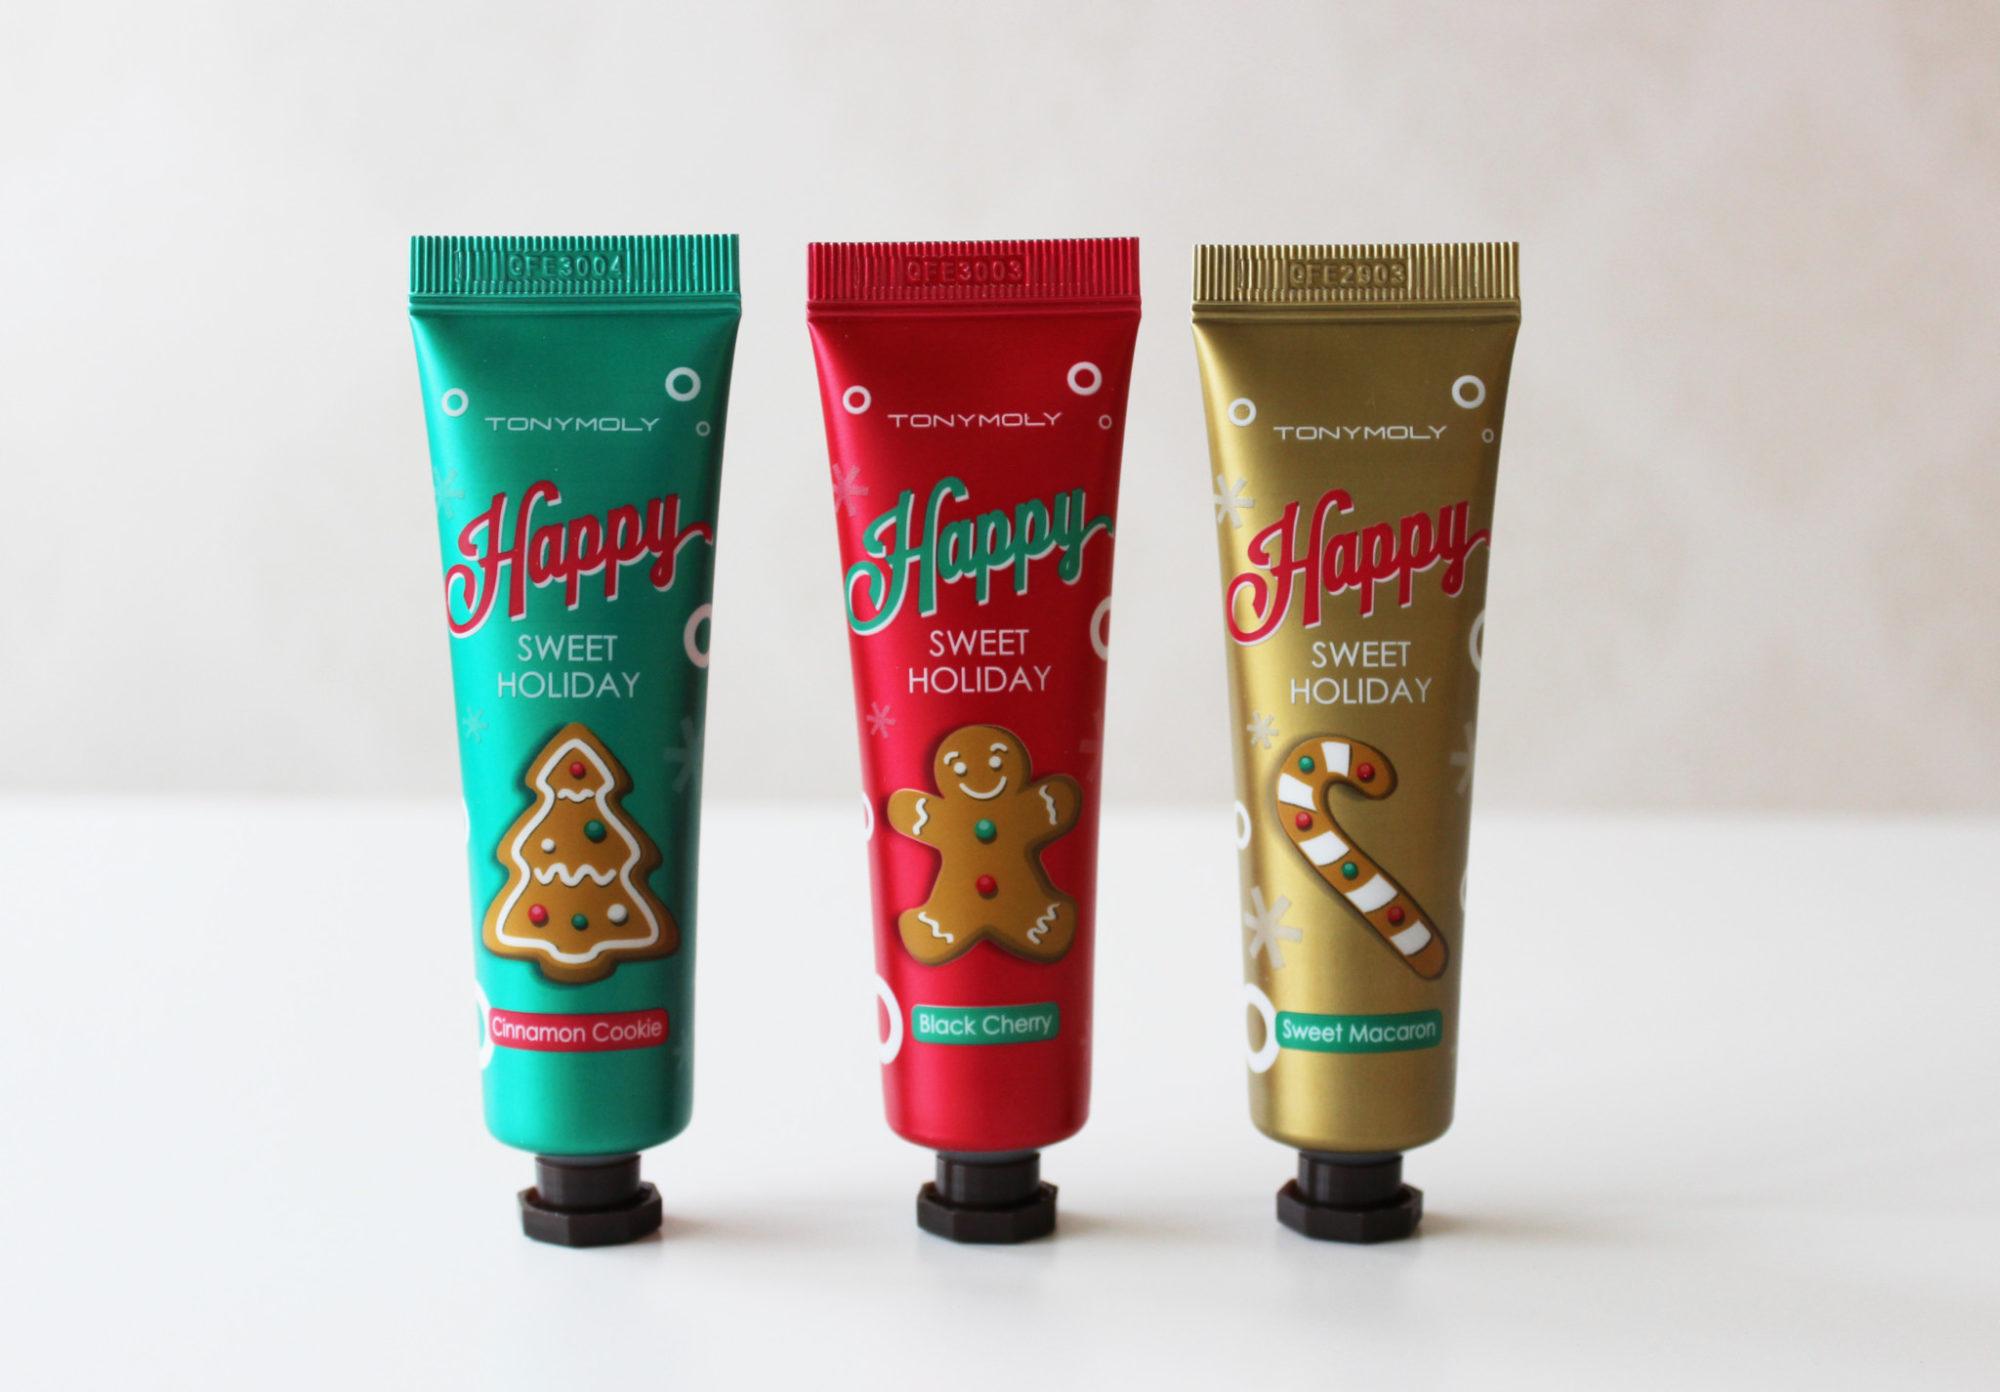 Fixa julkänslan med handkrämer från Tony Moly!